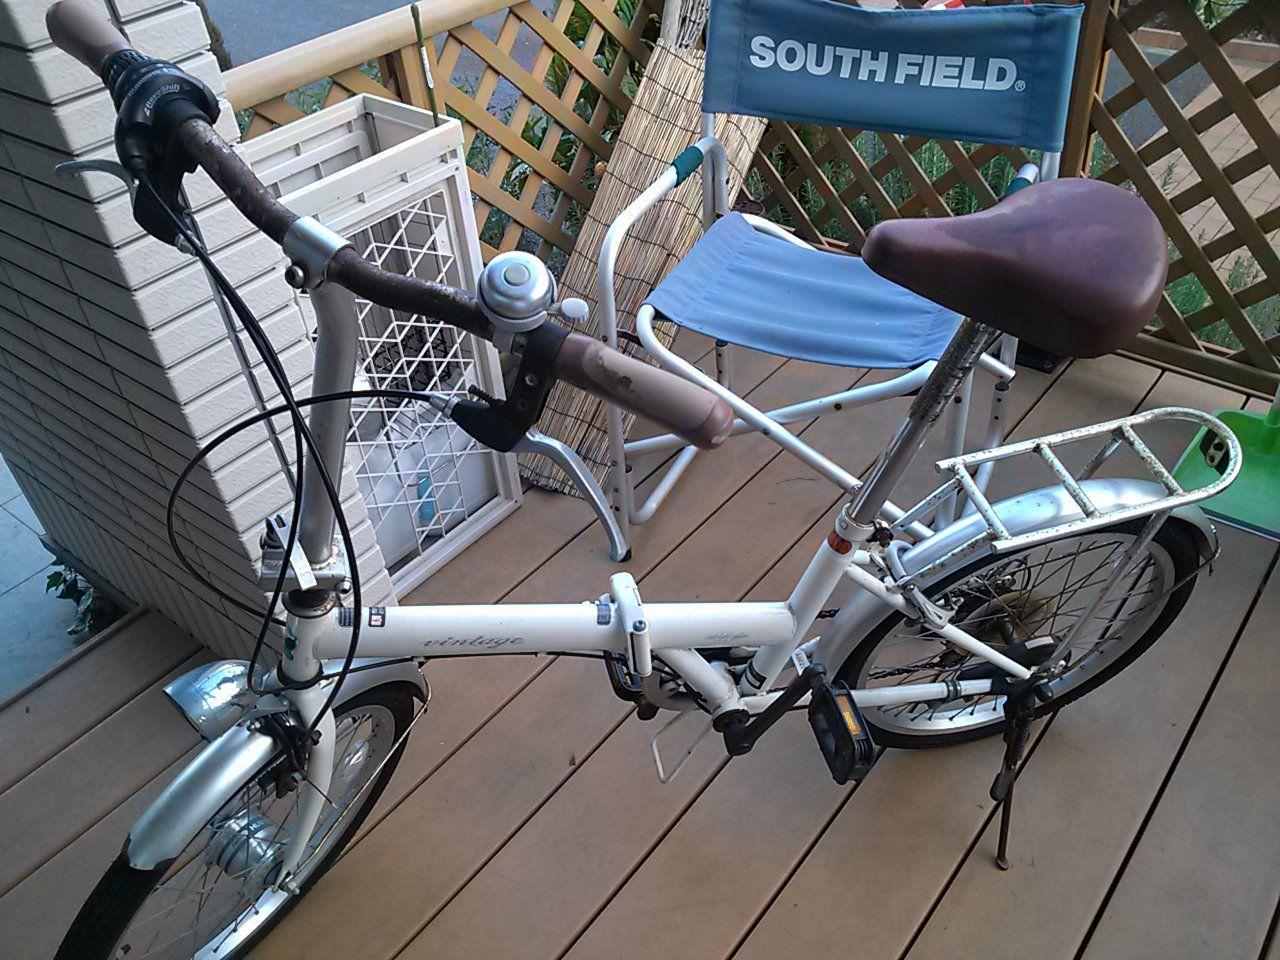 自転車の 自転車 ハンドル グリップ 汚れ : 最近は朝がつらくて・・・(笑 ...